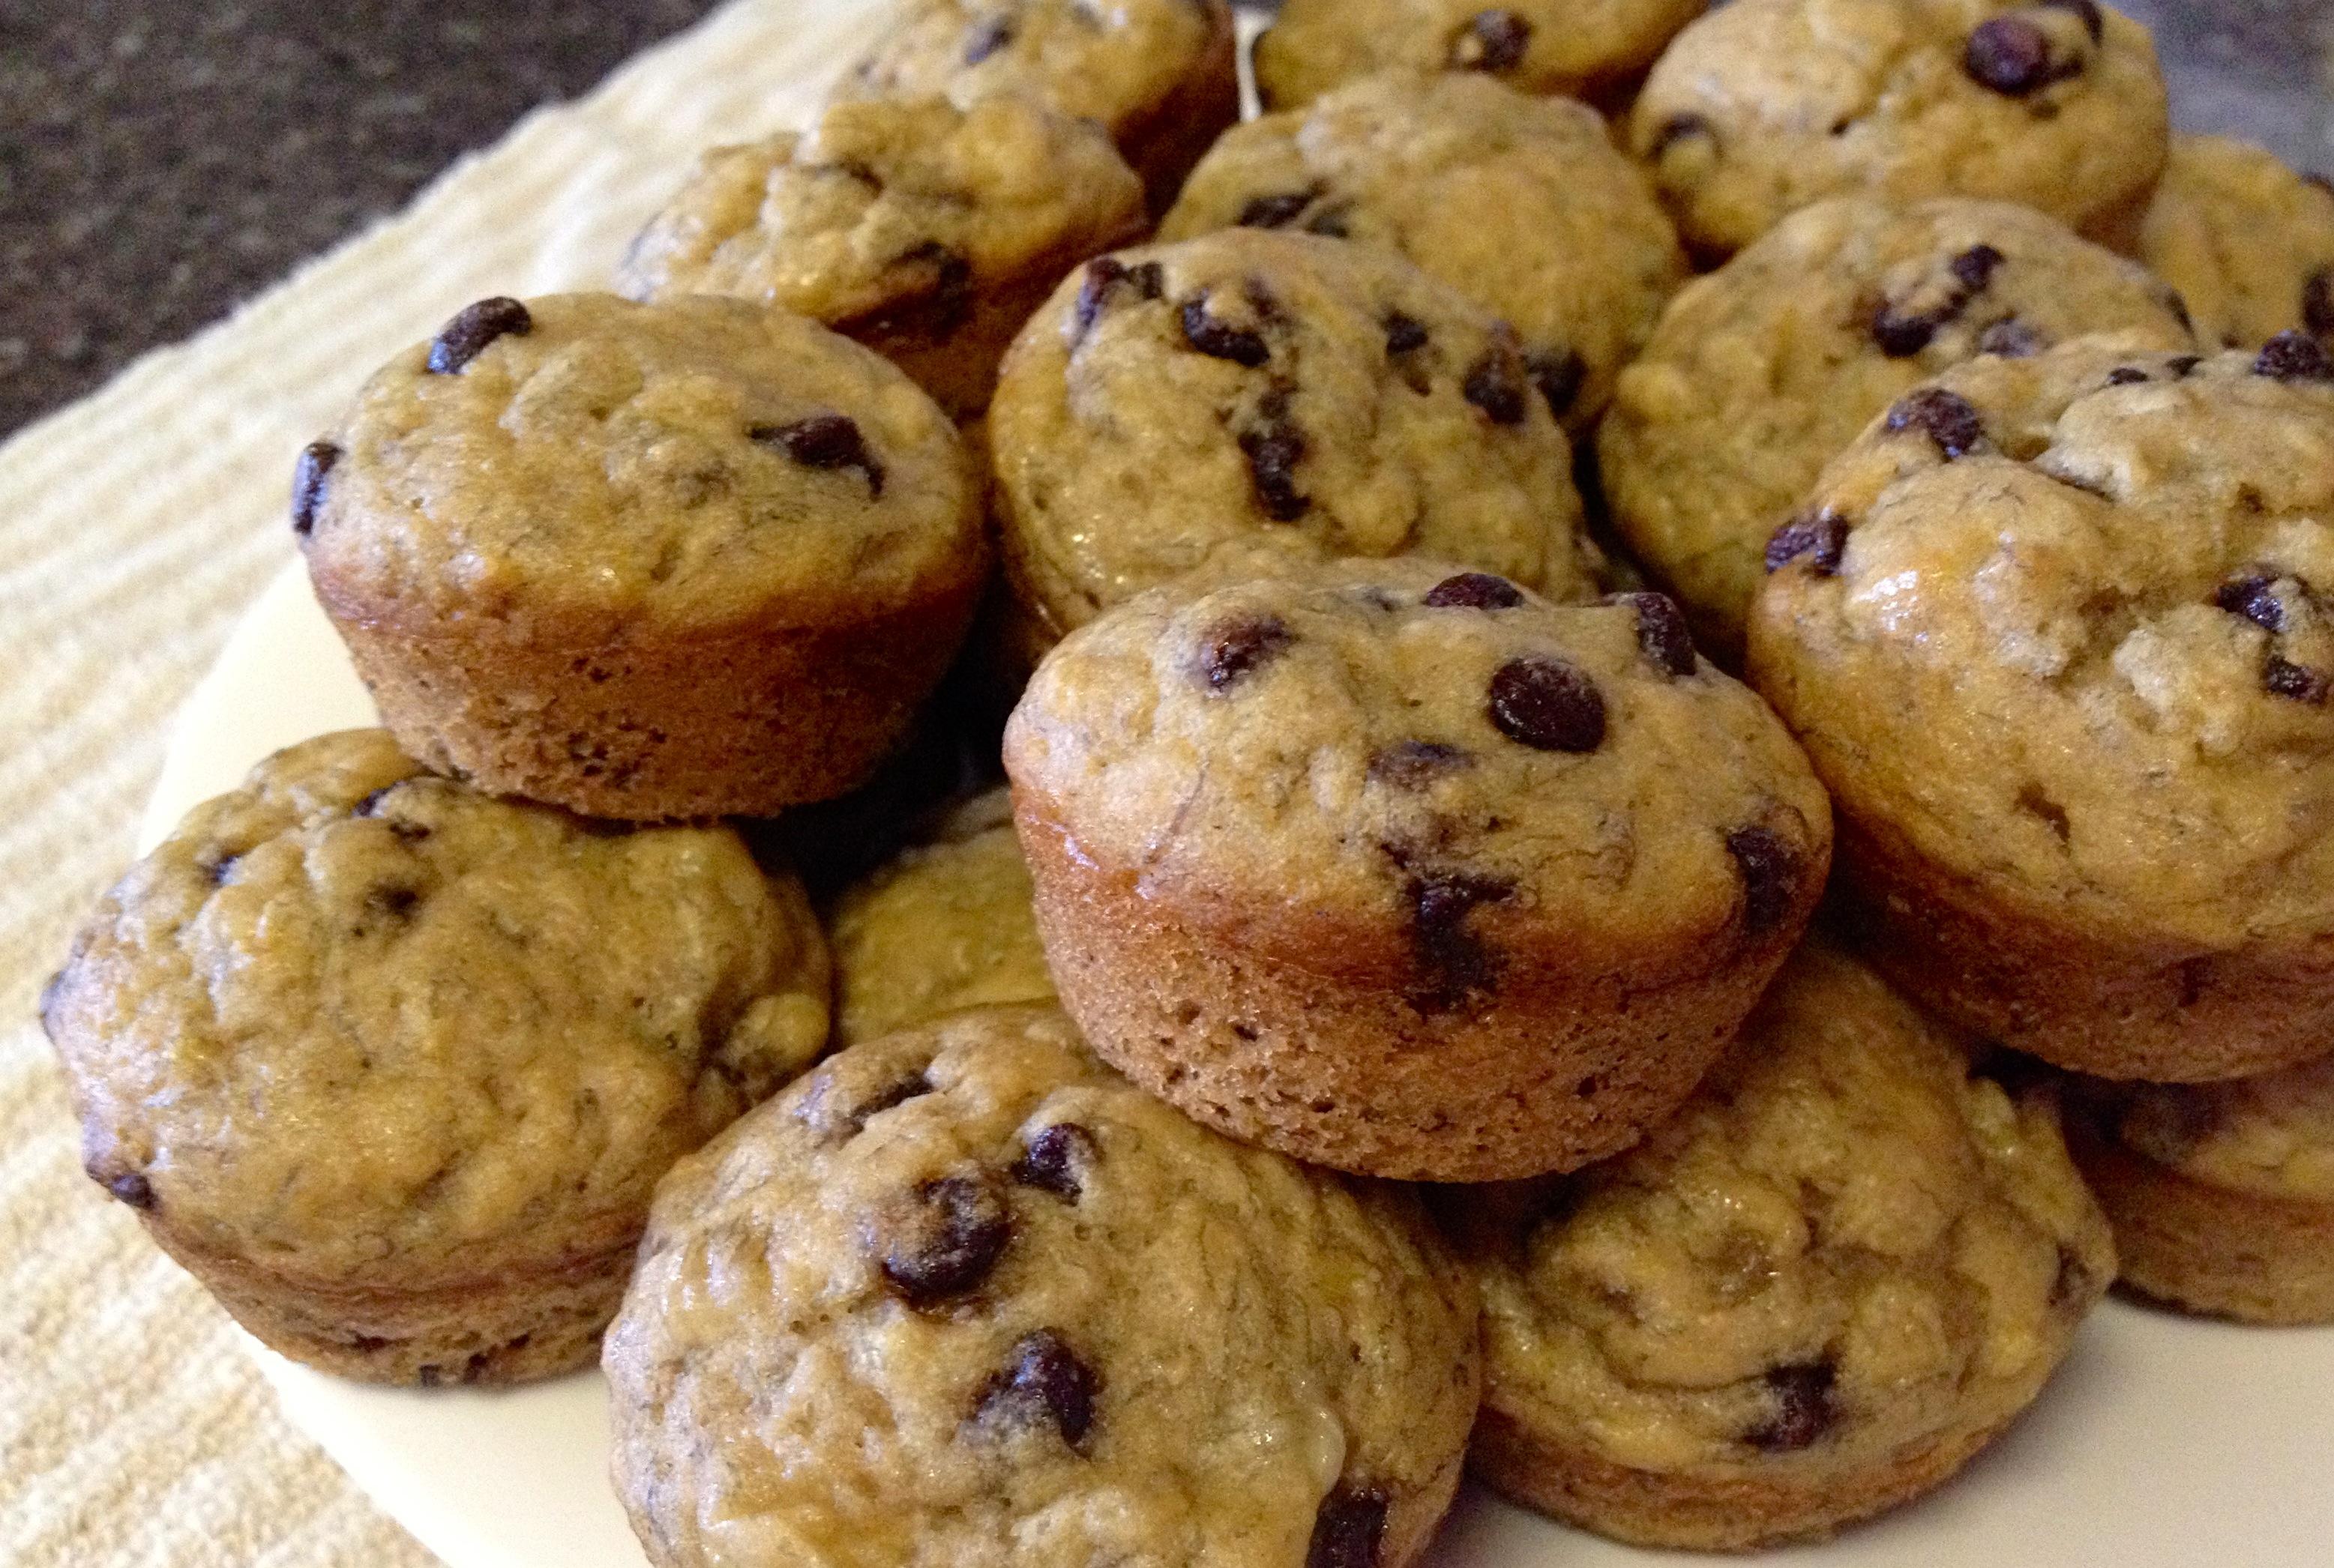 Banana Chocolate Chip Mini-Muffins